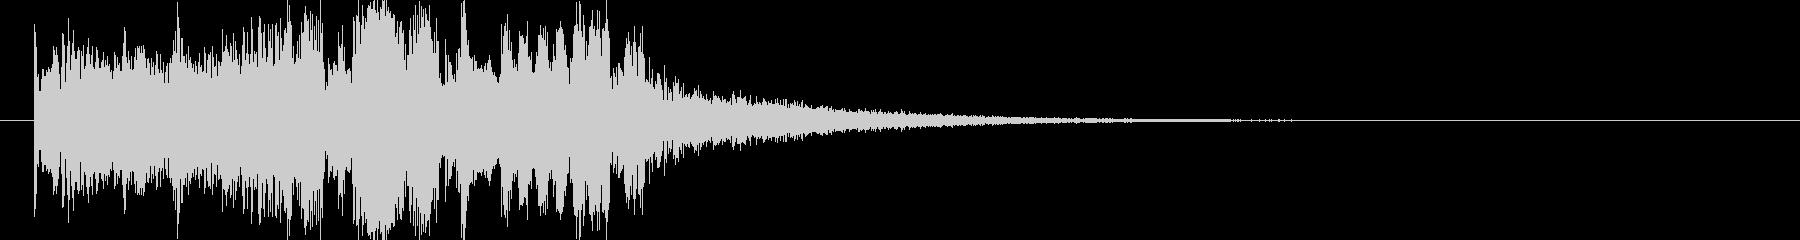 エレクトロニックでクールなジングルの未再生の波形